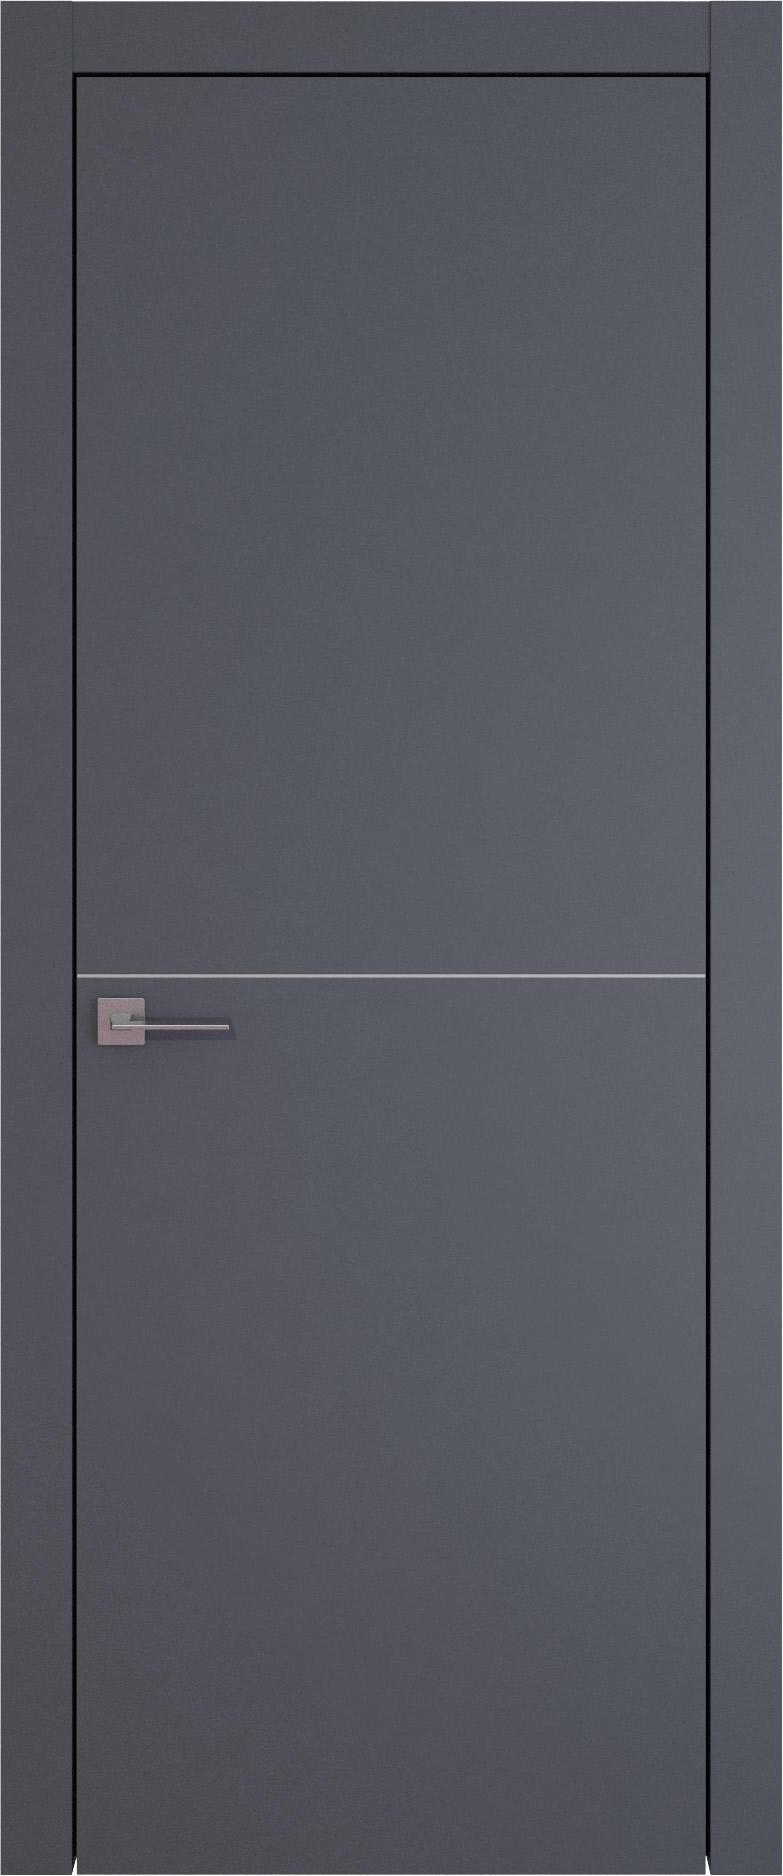 Tivoli Б-3 цвет - Графитово-серая эмаль (RAL 7024) Без стекла (ДГ)